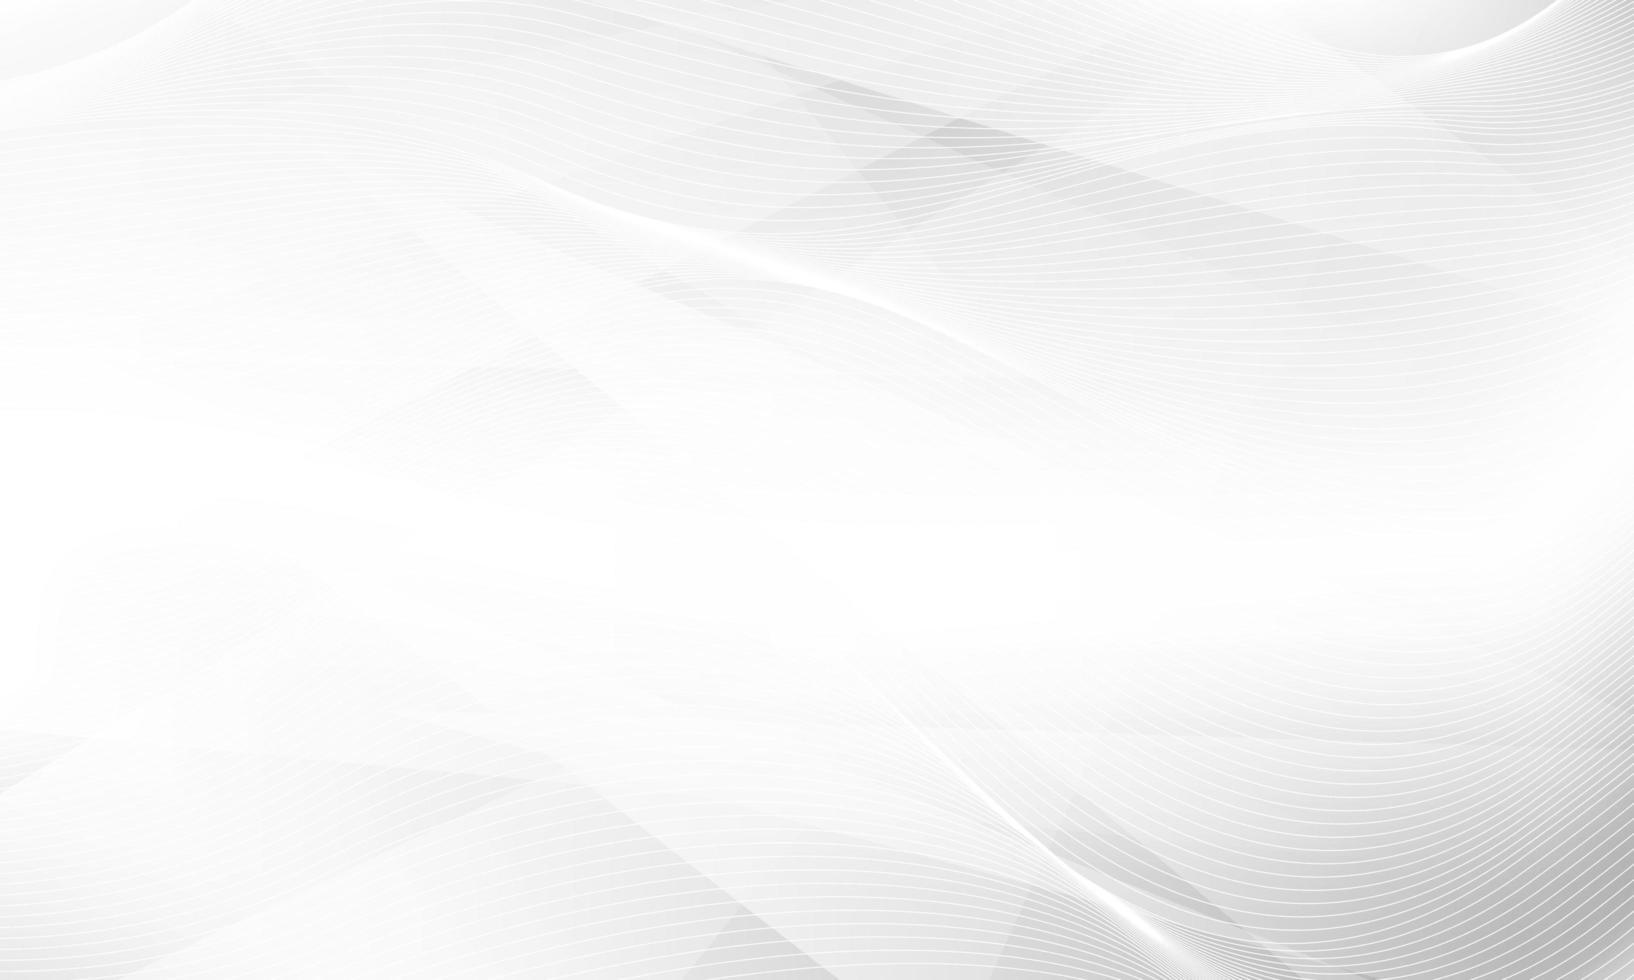 modelo de negócio de fundo branco onda vetor